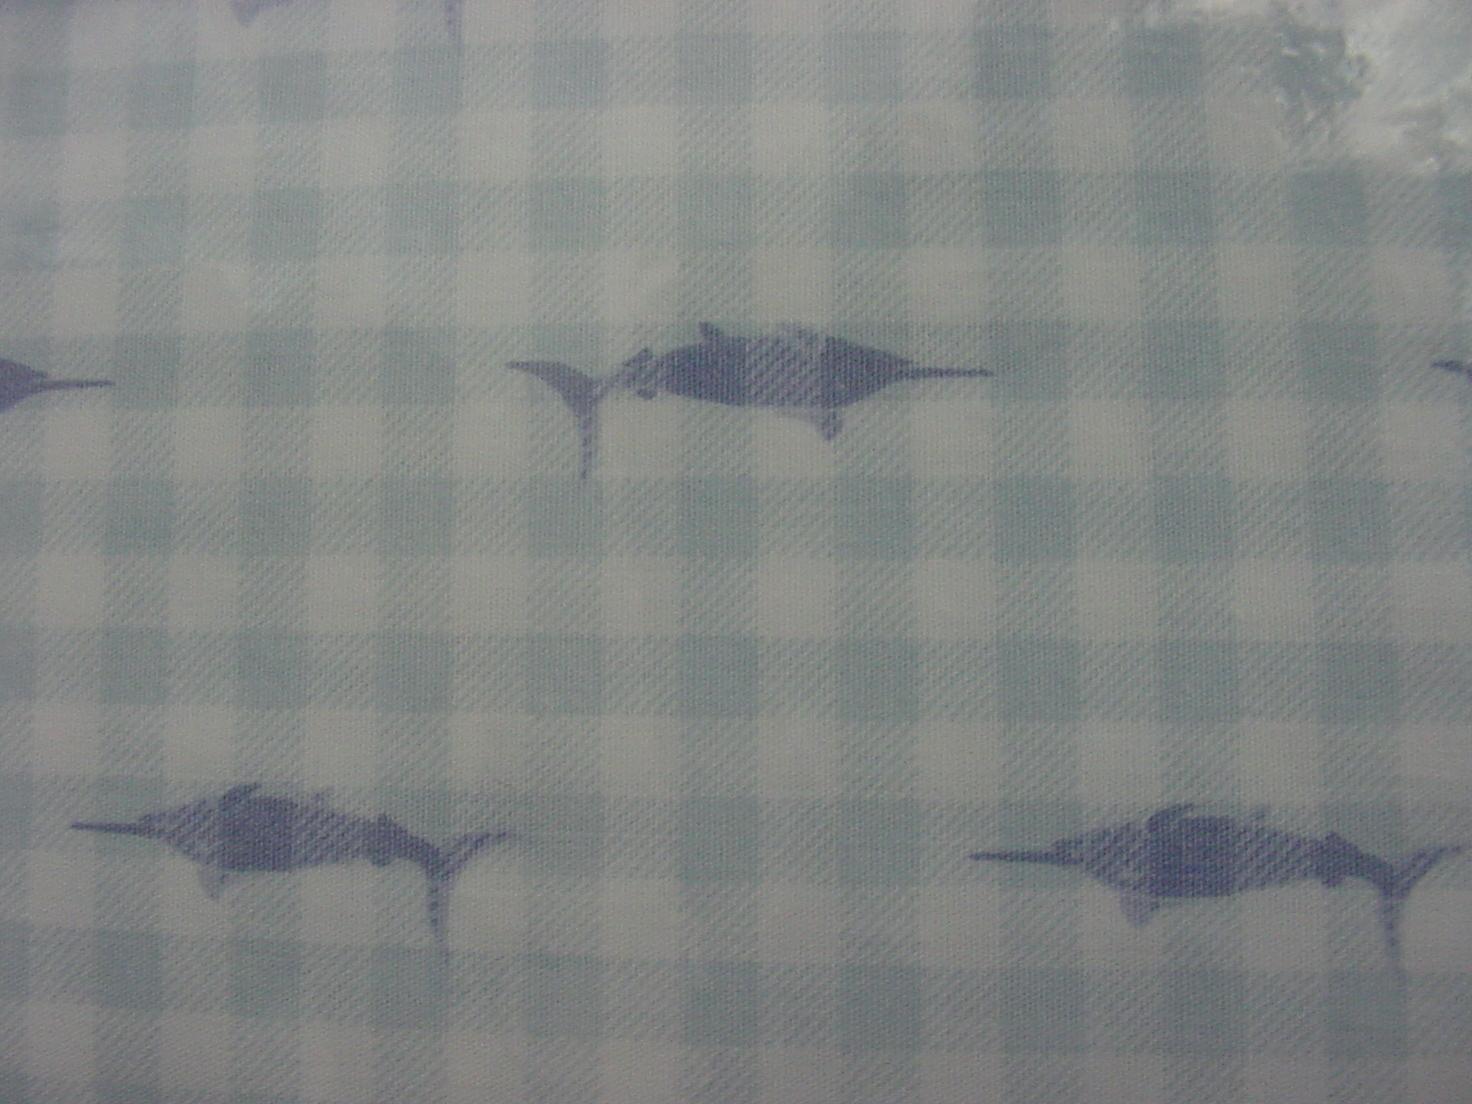 Envogue Blue Swordfish Fish Marlins on Blue Gingham Check Sheet Set Full